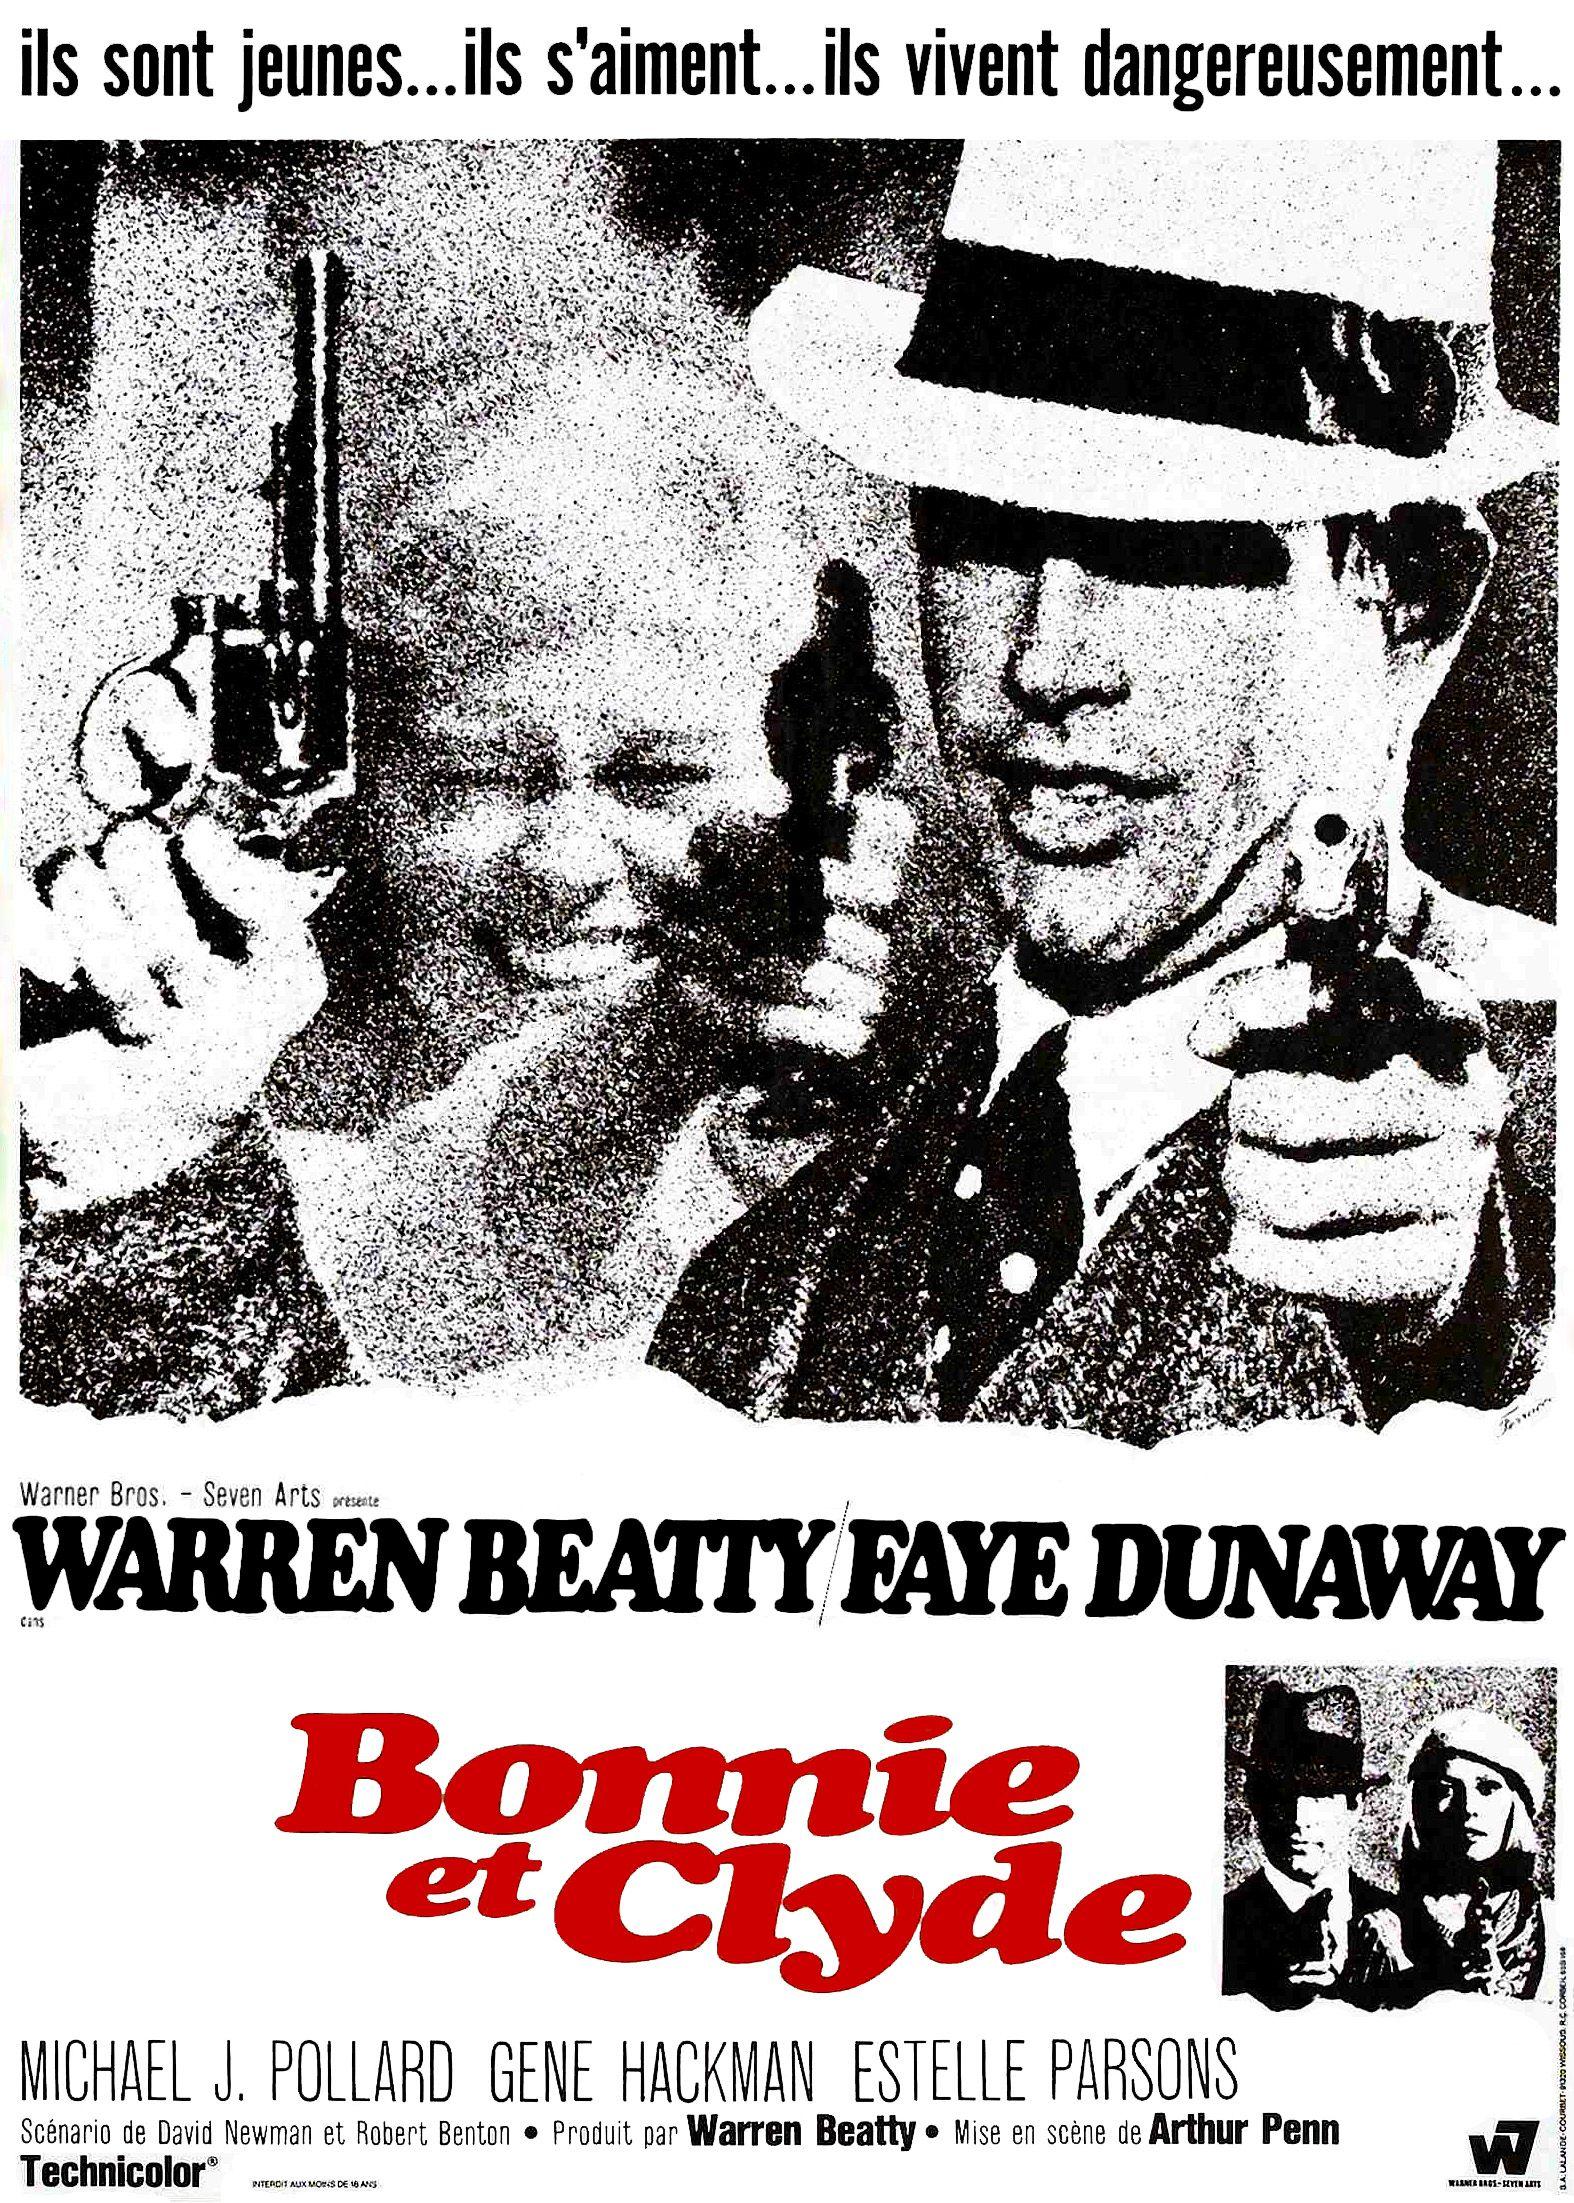 Bonnie And Clyde >> Affiches, posters et images de Bonnie et Clyde (1967 ...